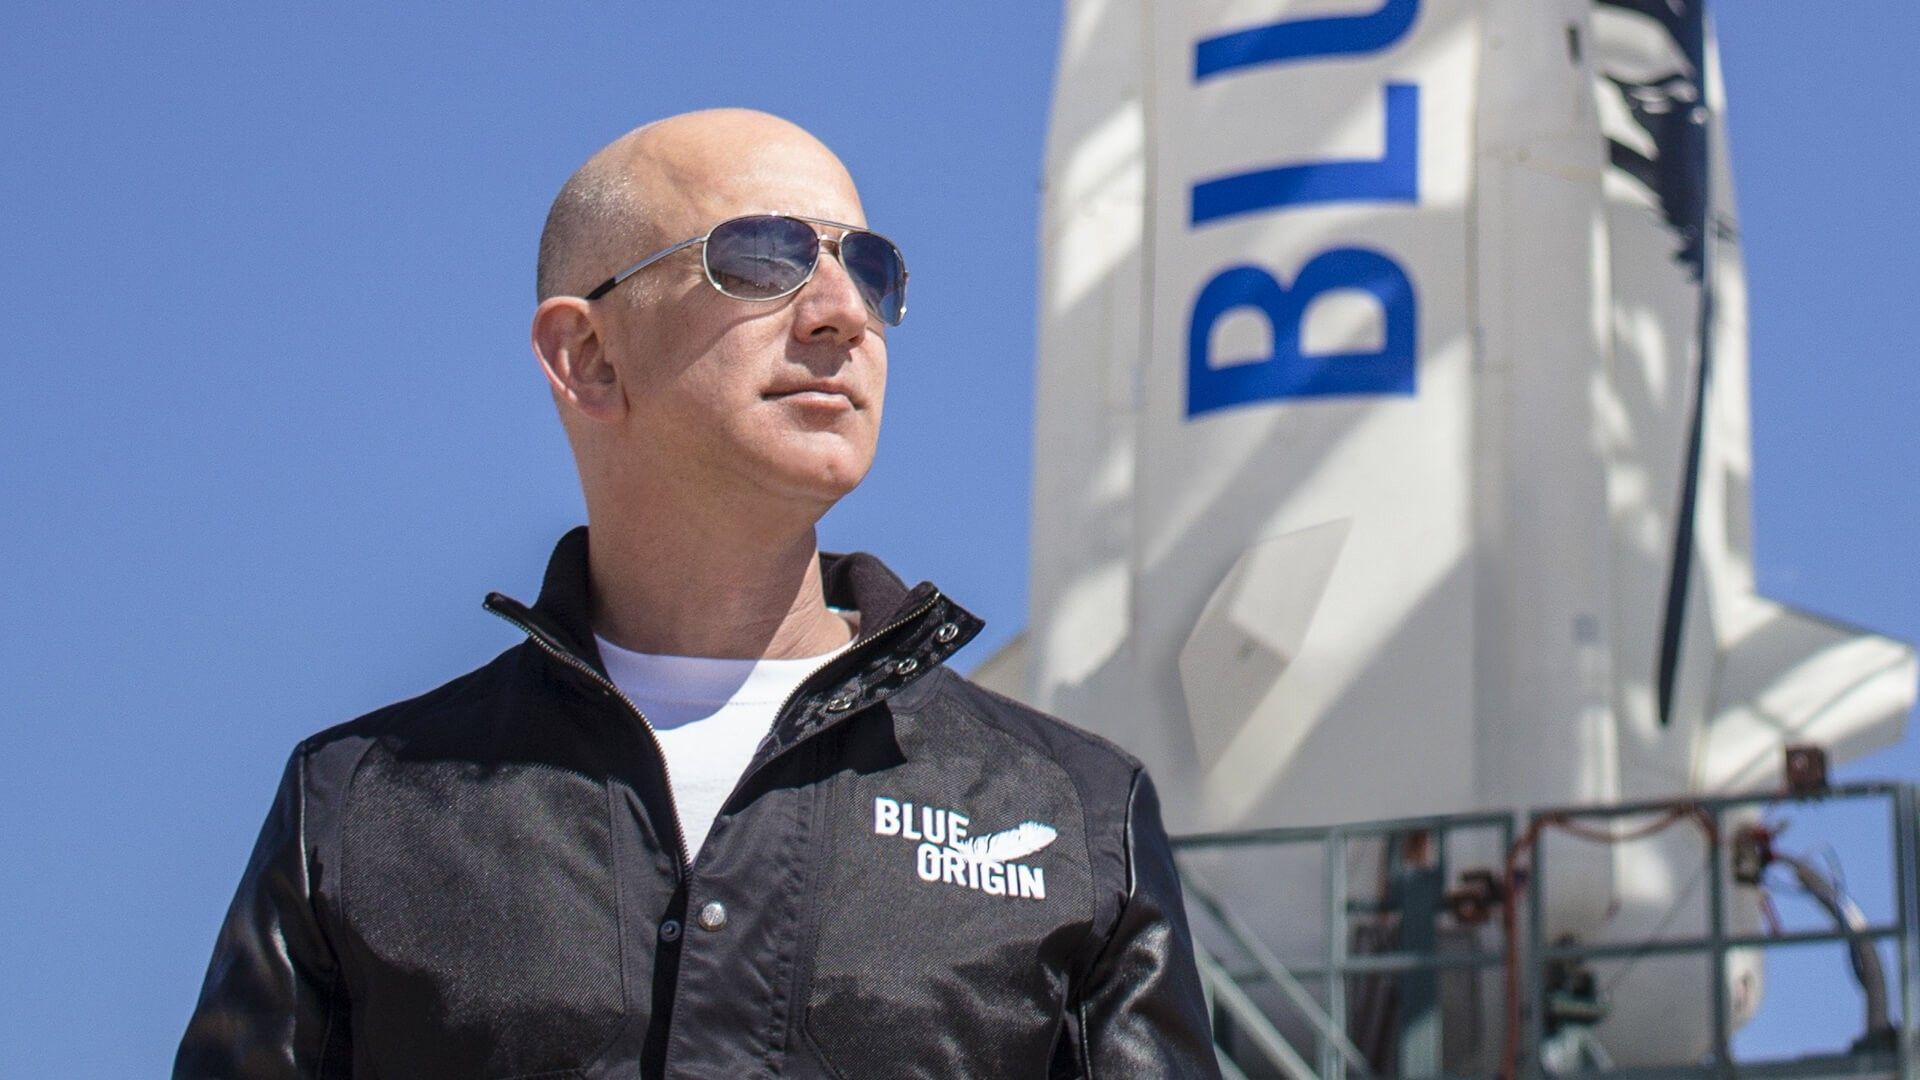 Броени дни след напускането на поста бившият изпълнителен директор на Amazon Джеф Безос планира да излети в космоса. Полетът ще се състои на суборбиталния кораб New Shepard.